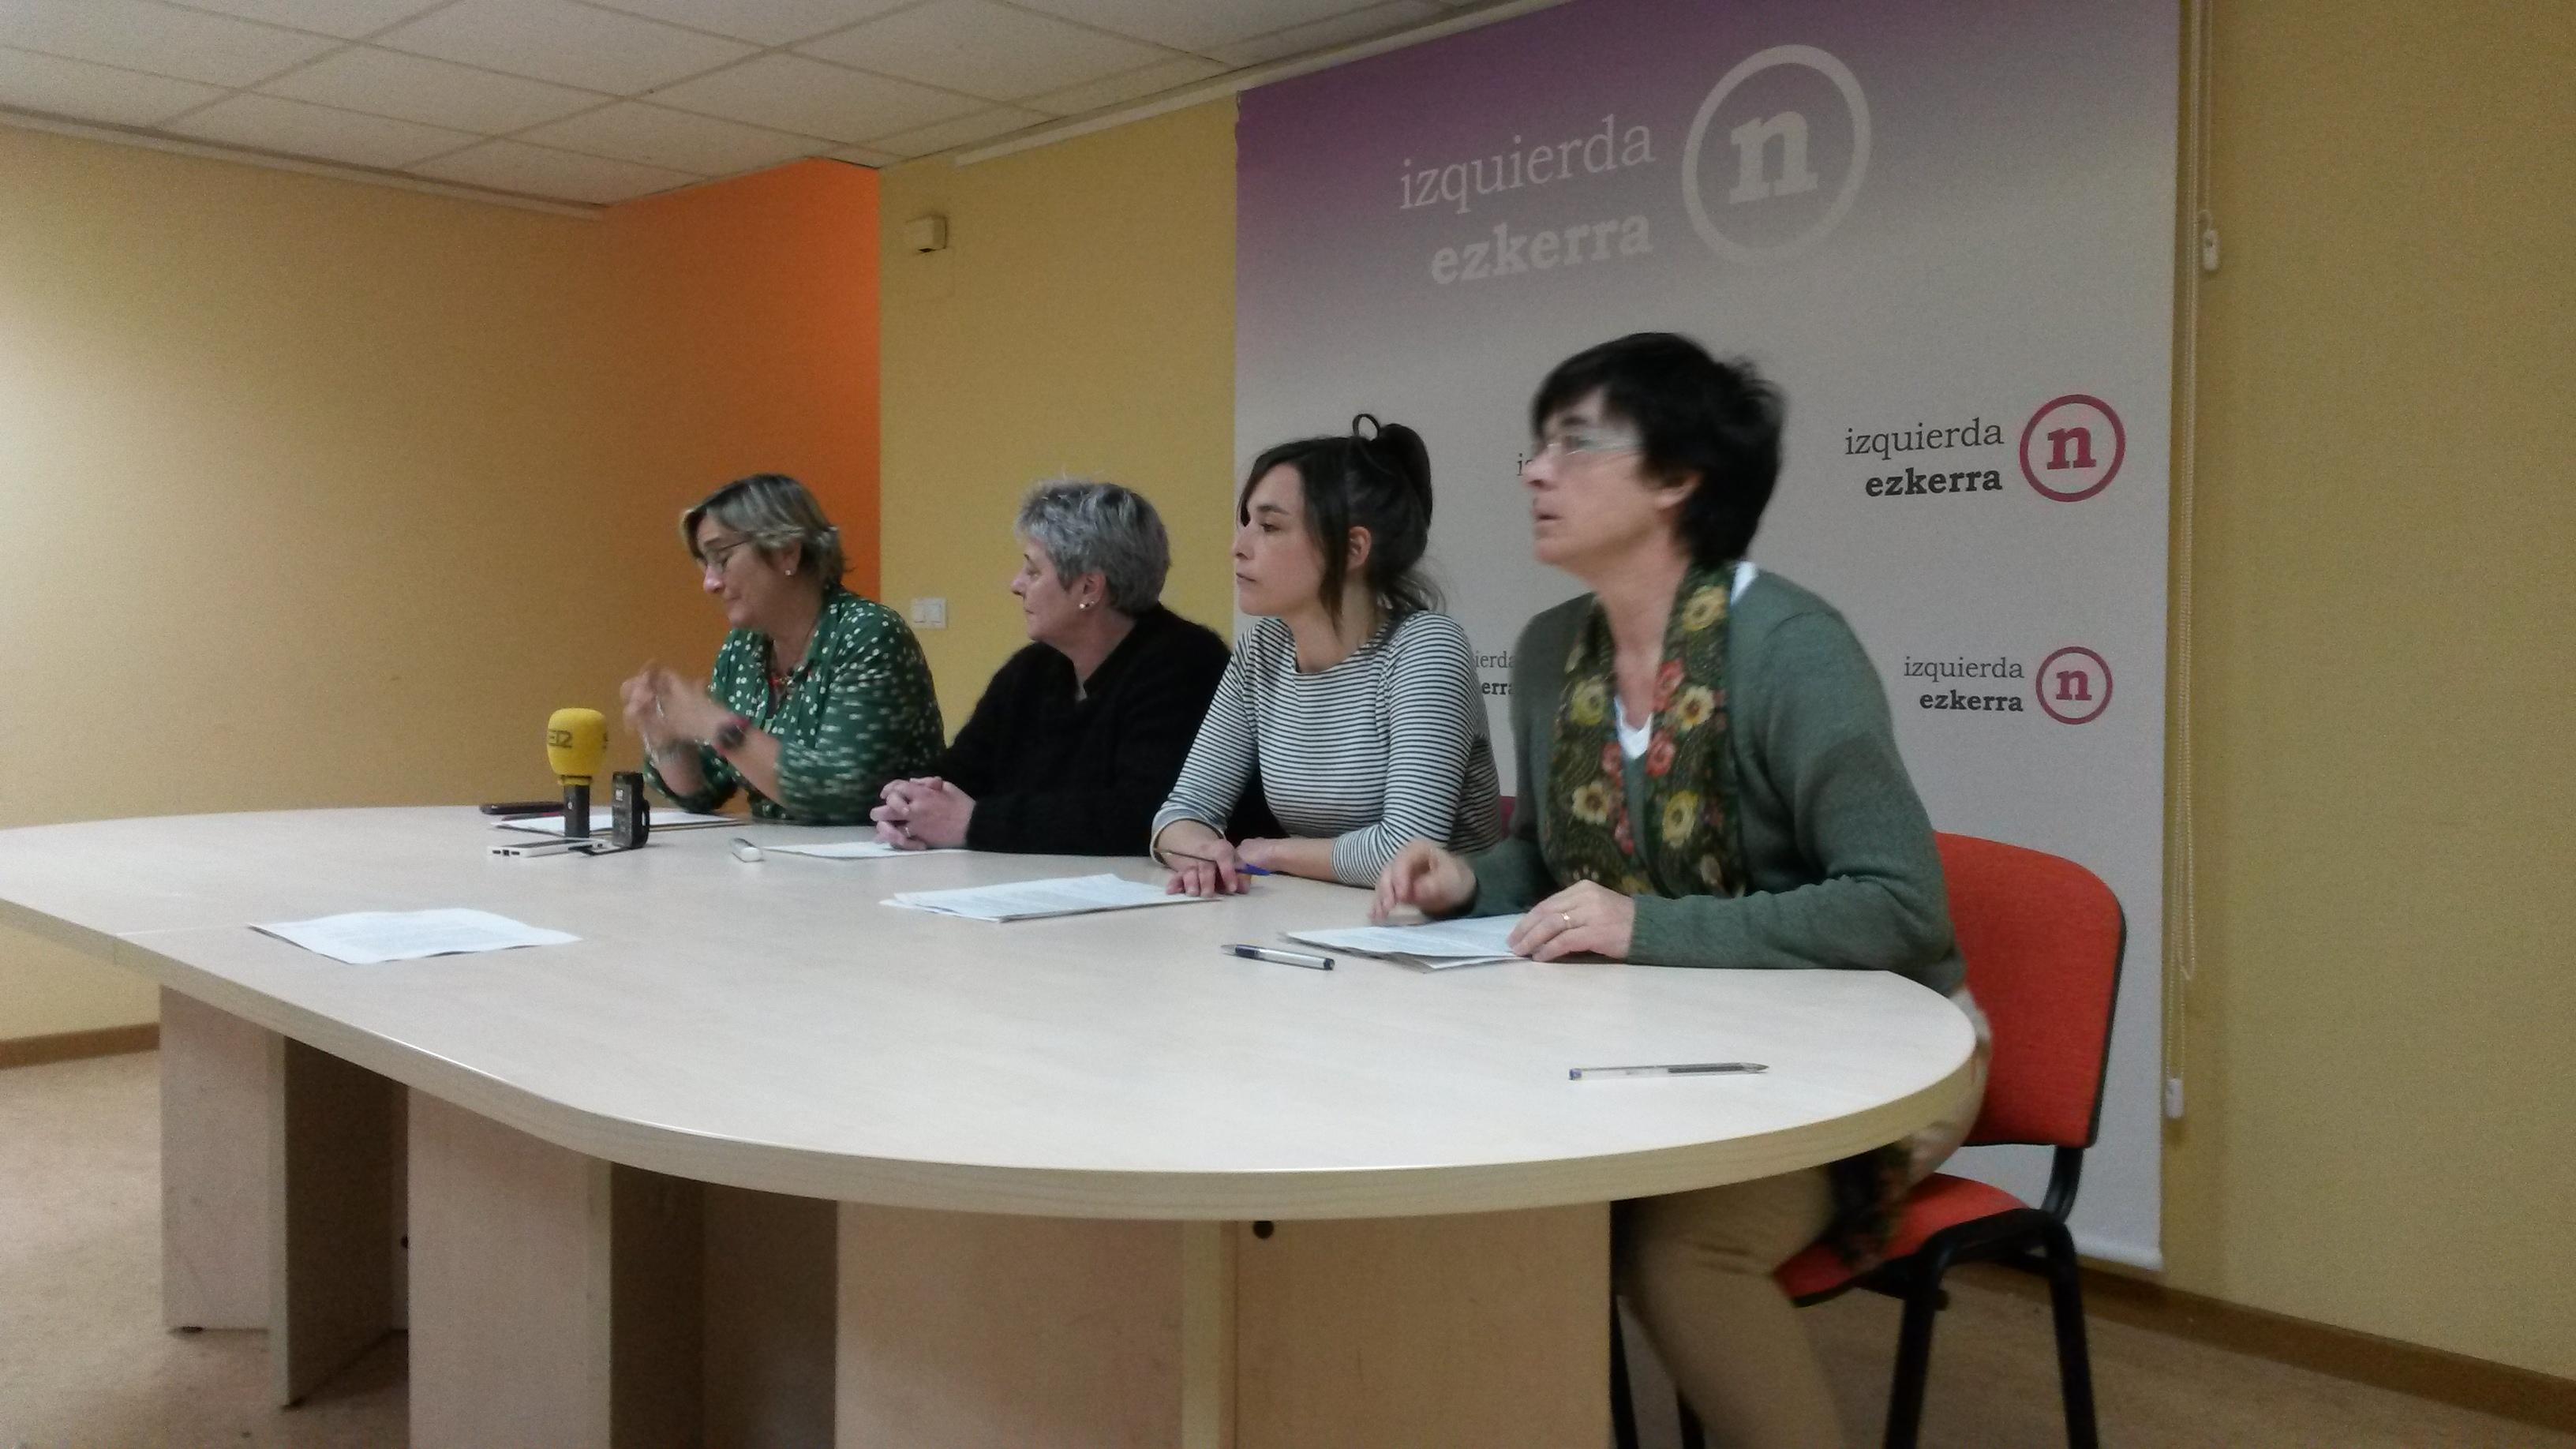 Archivan querella a nuestra compañera Sagrario Berrozpe por criticar la externalización de cocinas en CHN